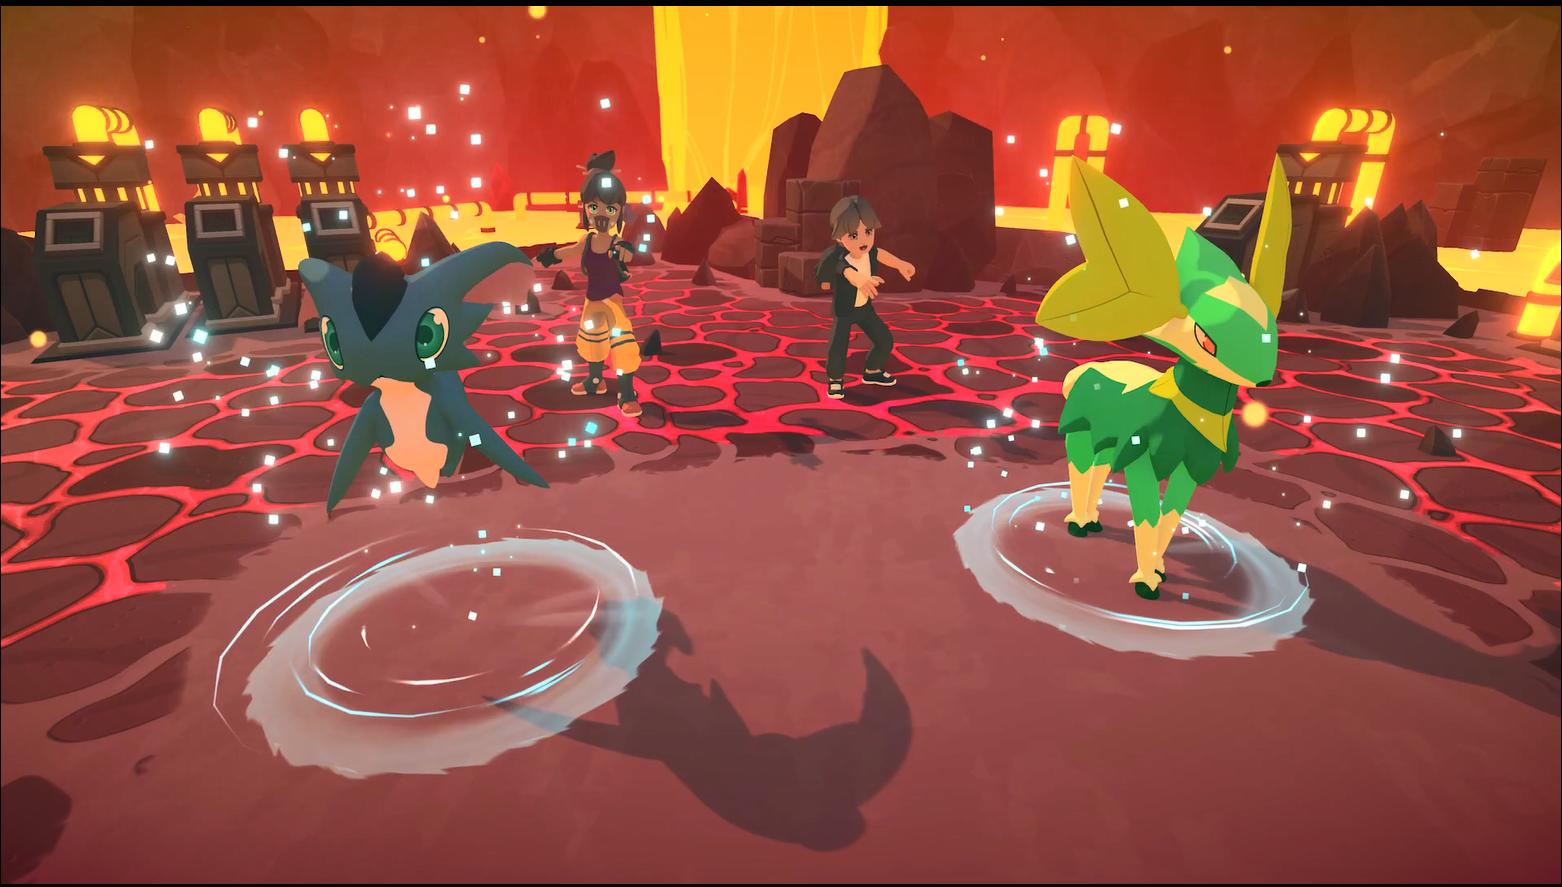 类宝可梦MMO游戏《Temtem》新预告 1.21开启抢先体验